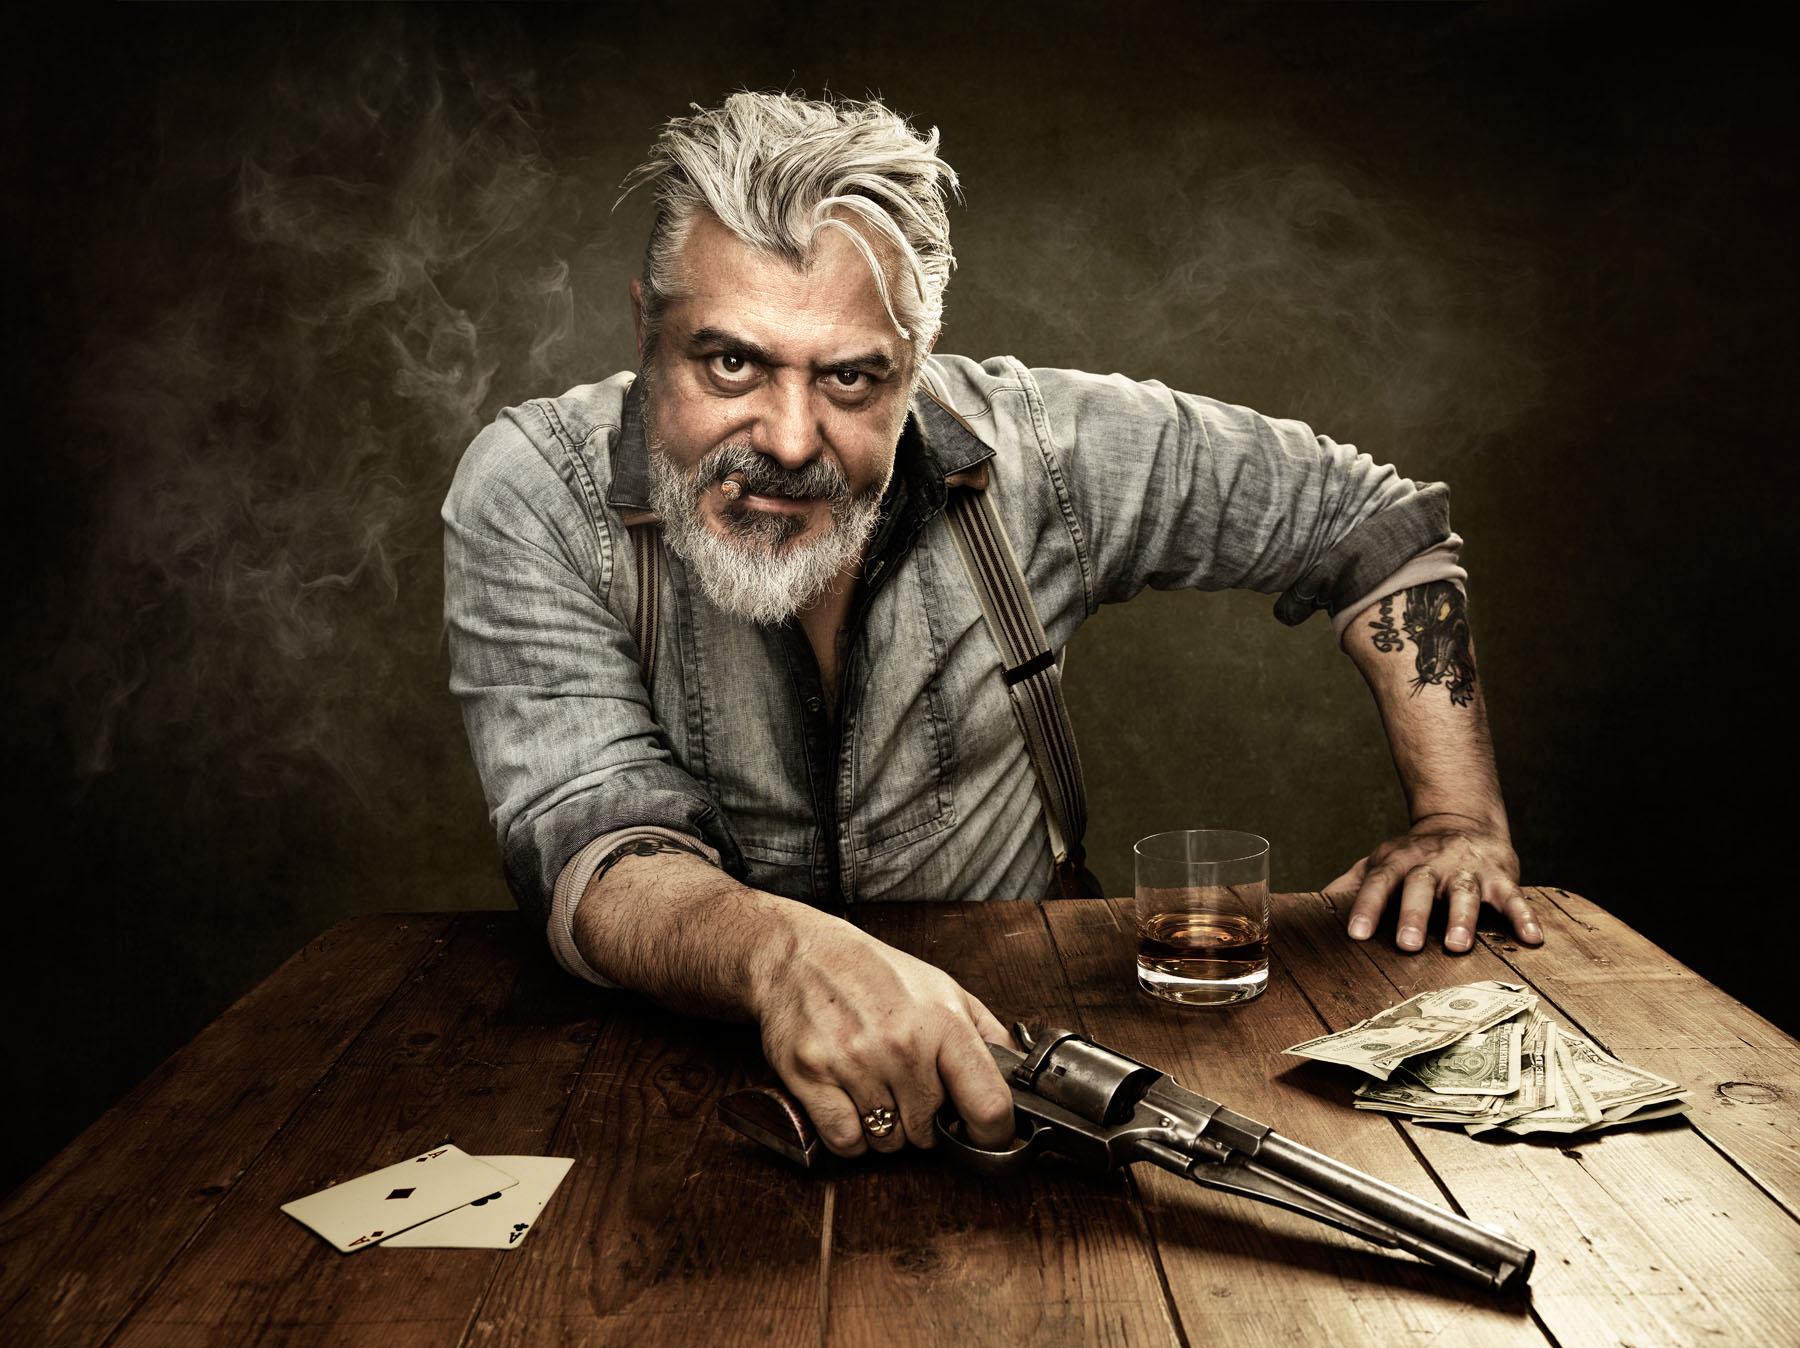 Conceptual photo of gun slinger.